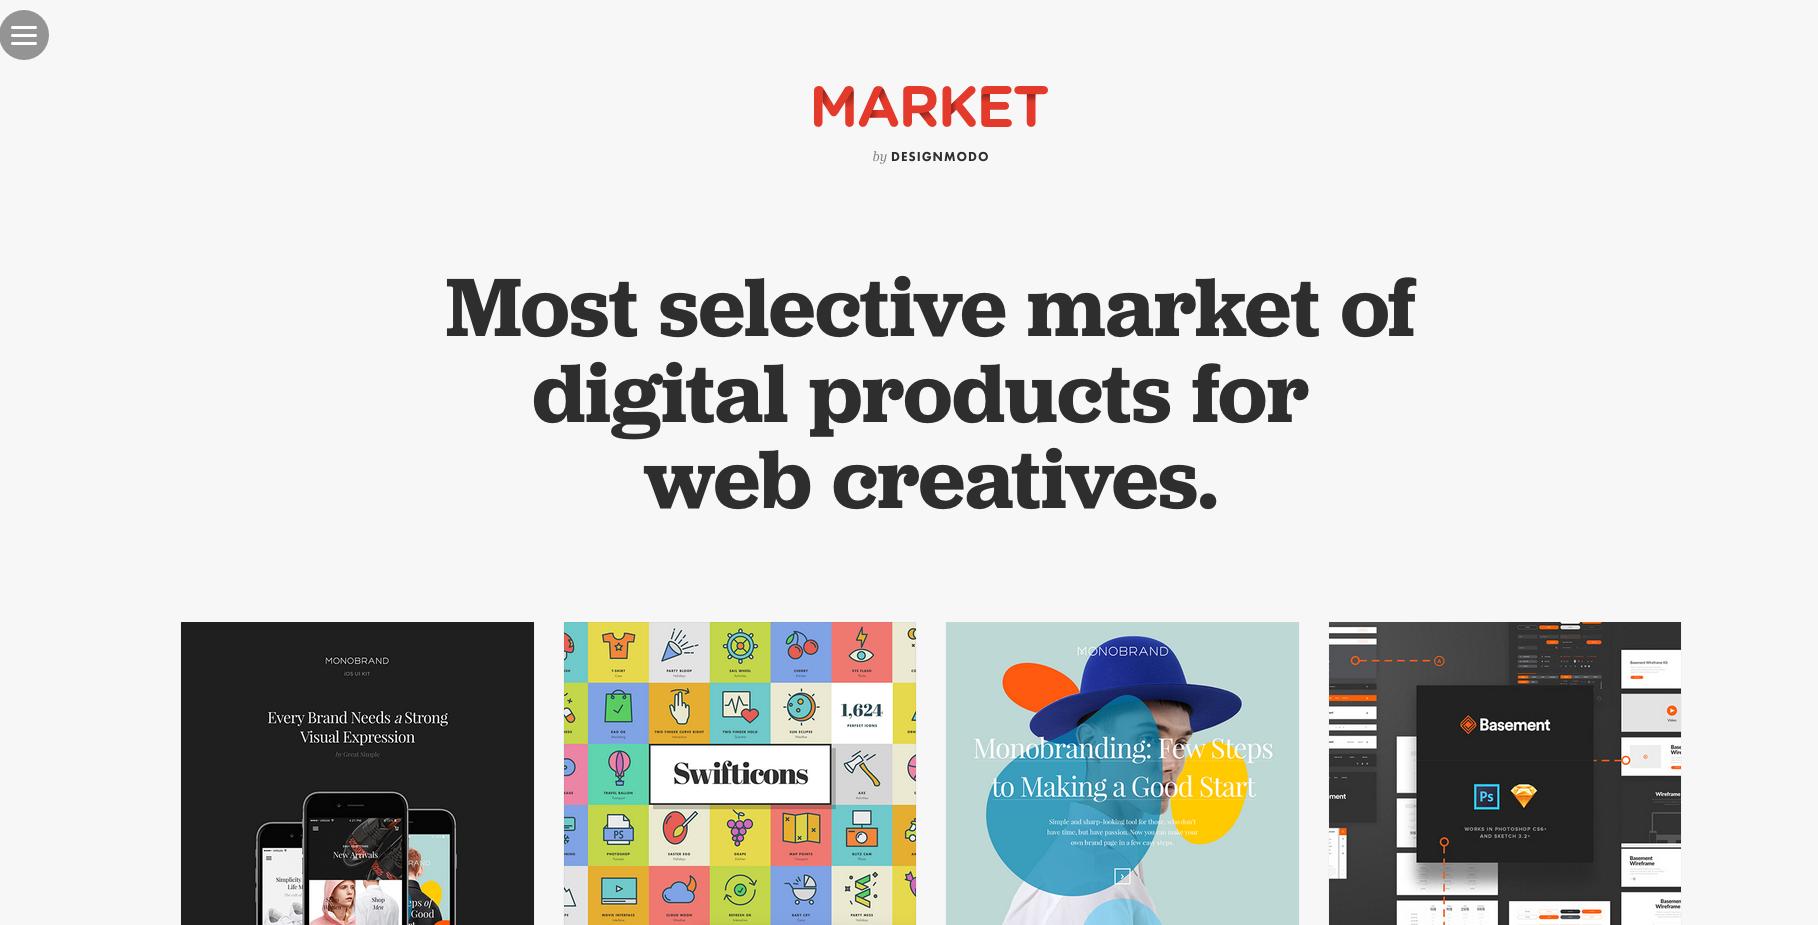 Aplicaciones: Market ( de Designmodo)